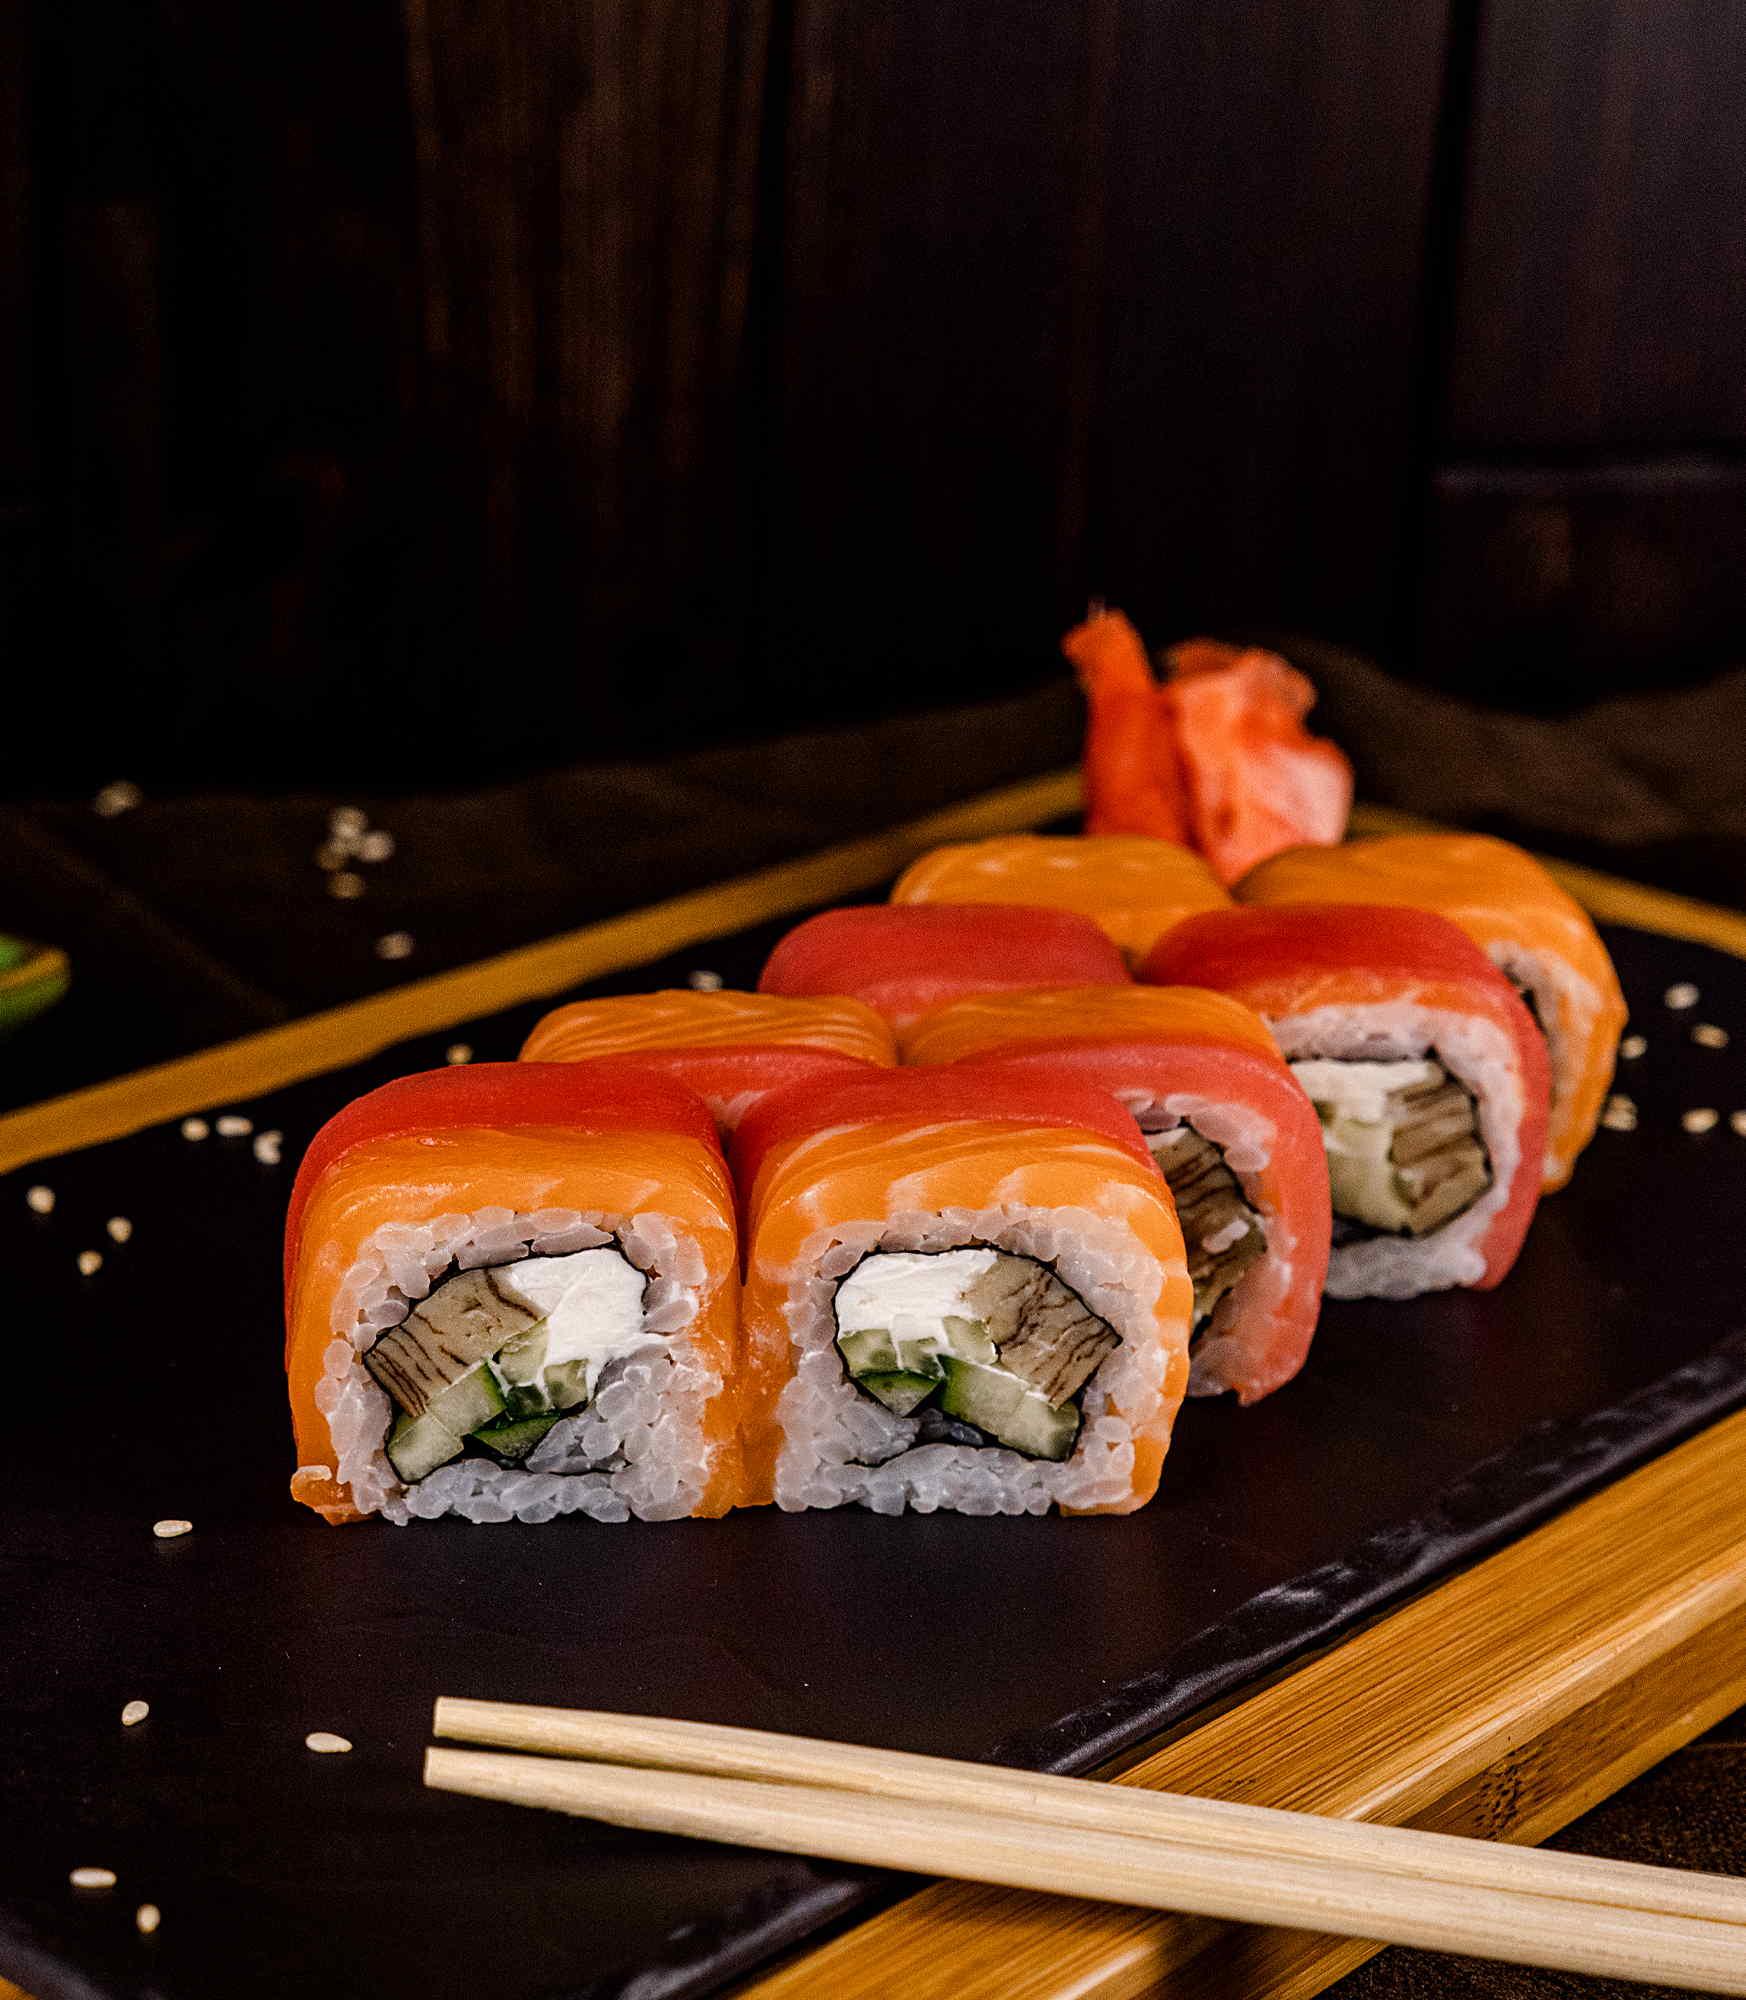 Ролл с тунцом и лососем Доставка Суши Роллов В Орле ресторан Лабиринт